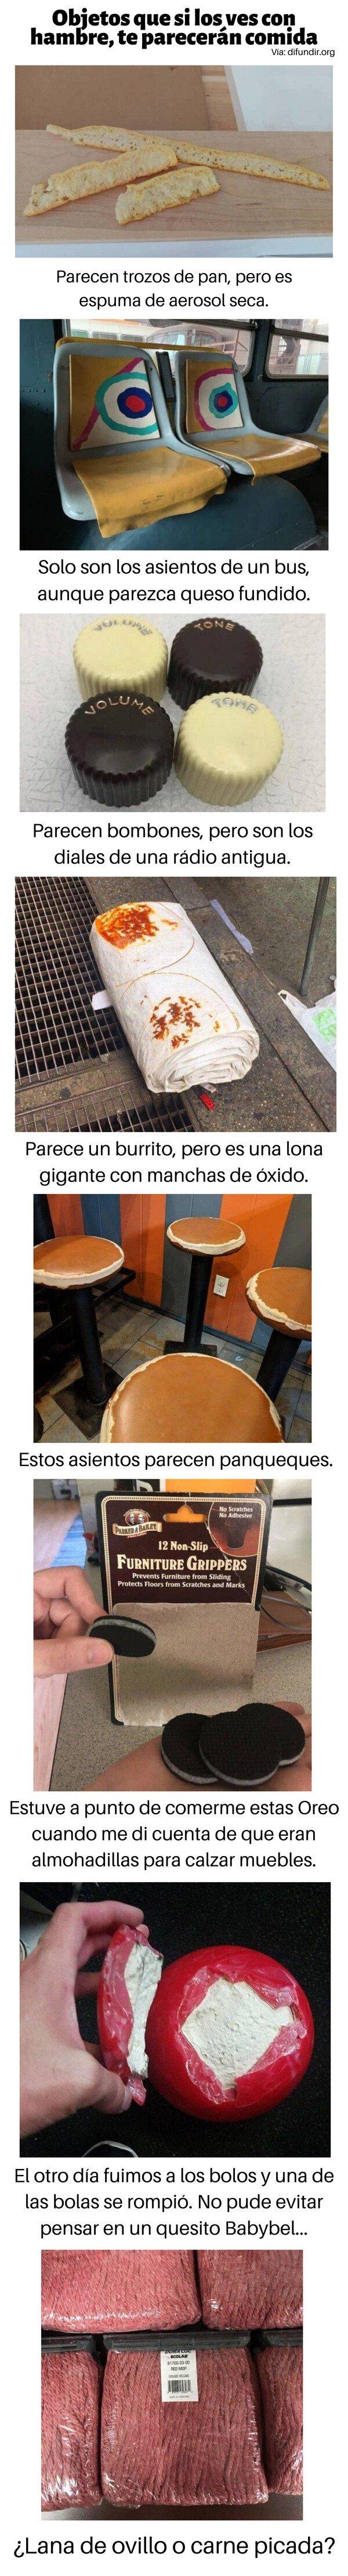 Meme_otros - Objetos que si los ves con hambre, te parecerán comida